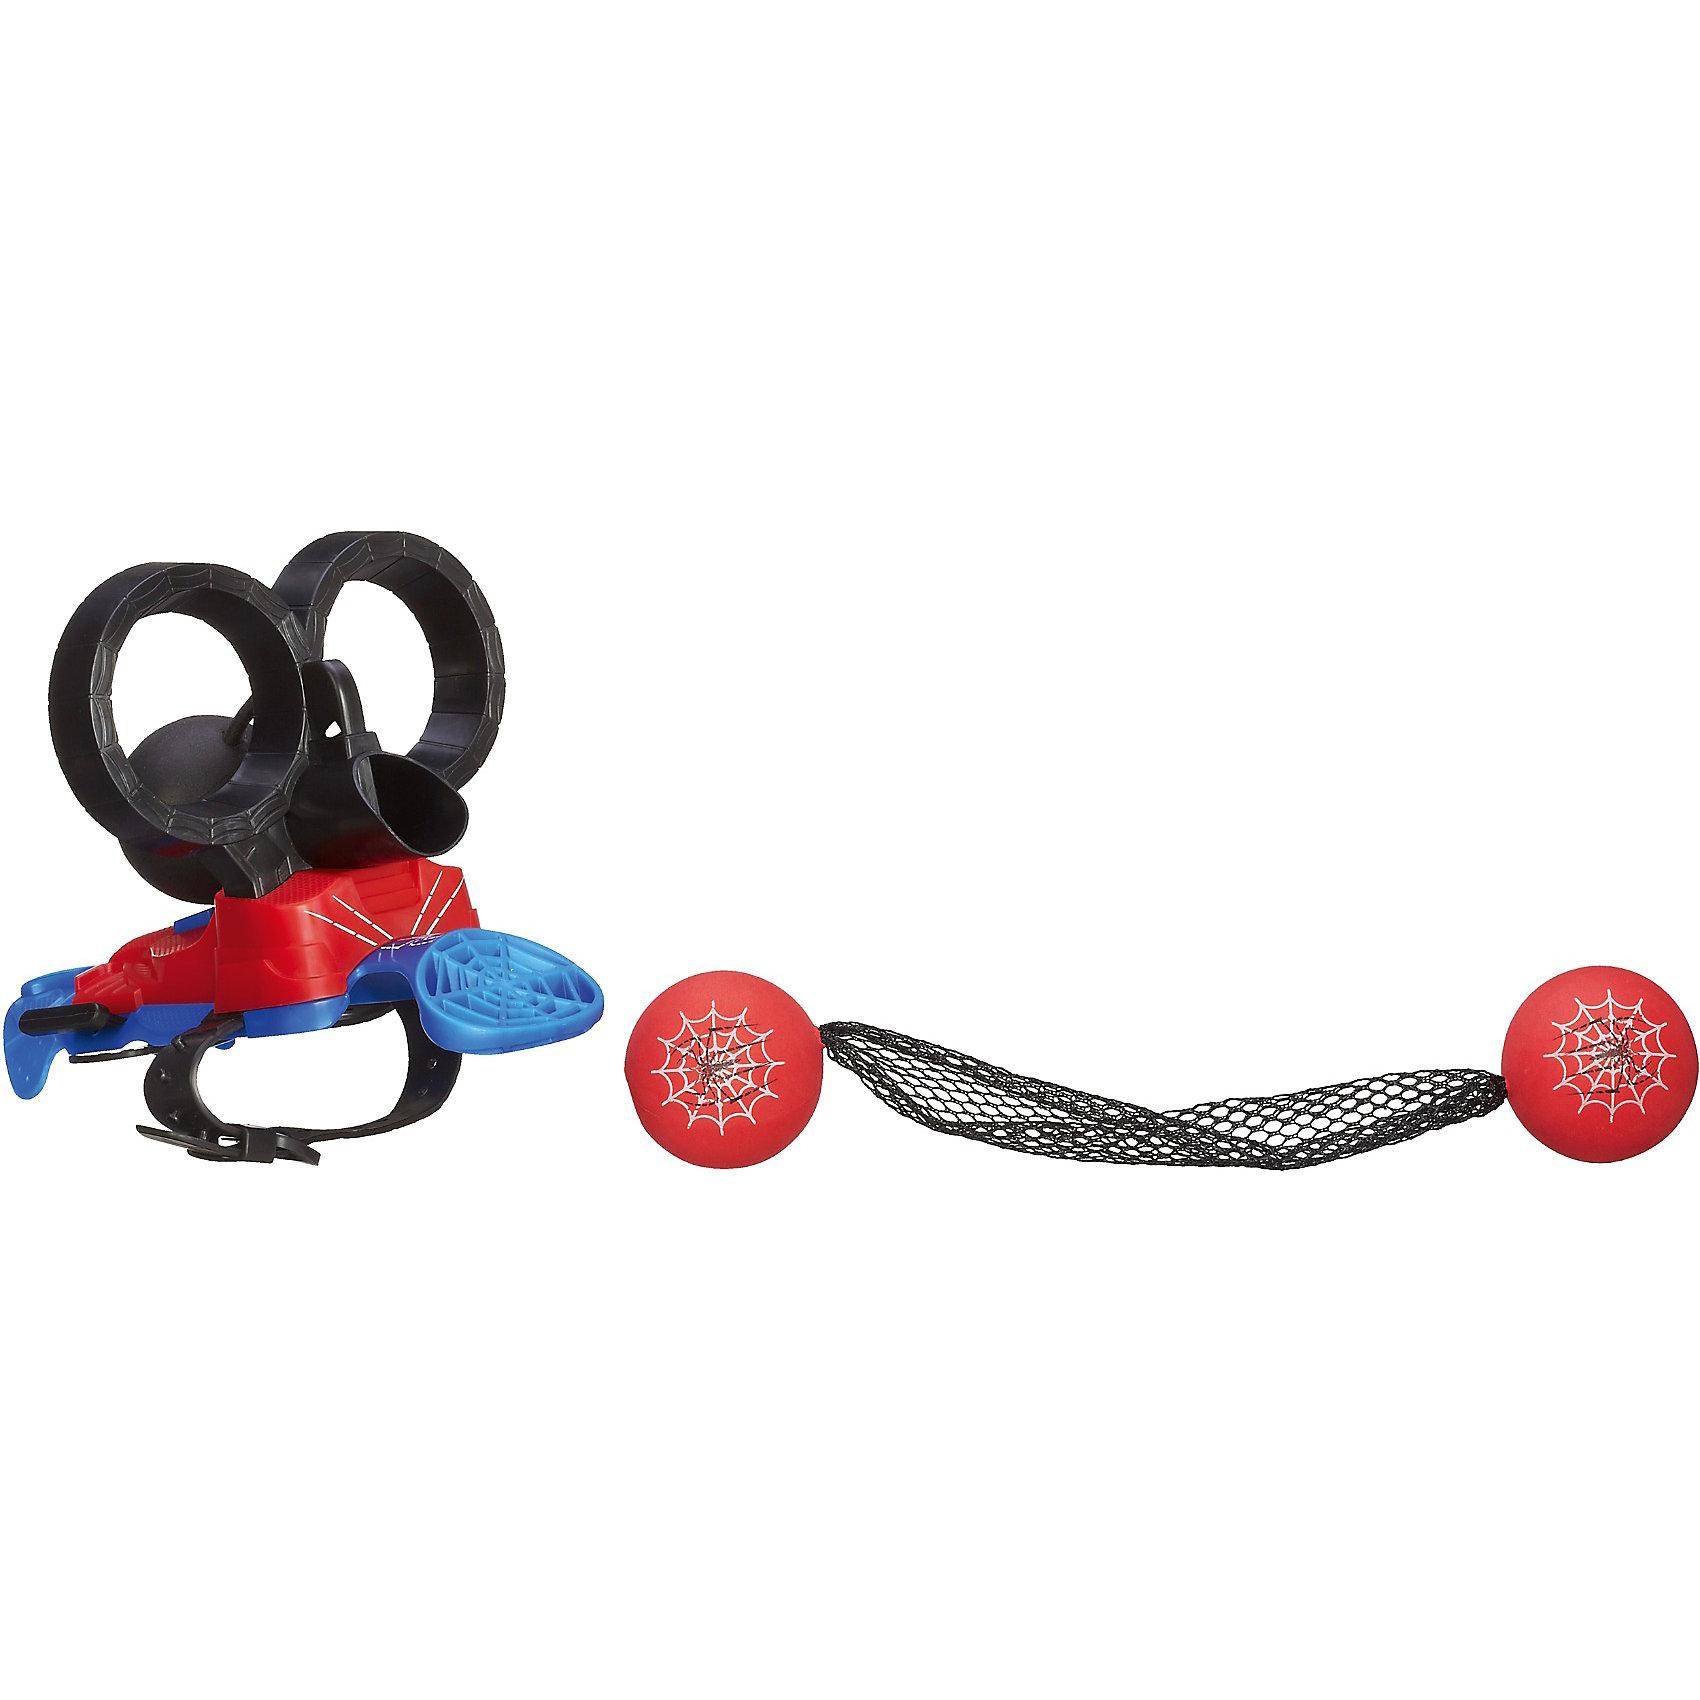 Шутер Человека-паукаС Шутером Человека-Паука (Spider-Man) Ваш ребенок полностью перевоплотится в любимого супергероя. Шутер закрепляется на руке удобным ремешком. Цельтесь, стреляйте точно, и ни один злодей не останется на свободе. <br>Шутер очень легко собирается и сразу готов к работе.  Уникальное устройство работает по принципу рогатки: черный шарик натягивается и отпускается, благодаря чему паутина с красными шарами попадает прямо в противника. Дети, которые увлекаются историями про Человека-Паука (Spider-Man) будут в восторге от такой правдоподобной экипировки. Ведь с помощью нее можно разыгрывать настоящие истории.<br><br>Дополнительная информация:<br><br>- В  комплекте: бластер, 2 мячика с паутиной;<br>- Игрушка выполнена по мотивам комиксов про Человека-паука (Spider-Man);<br>- Обеспечивает точную стрельбу;<br>- Легко заряжается;<br>- Удобно фиксируется на руке любого размера;<br>- Размер упаковки: 8 x 30 x 19 см;<br>- Вес: 225 г<br><br>Шутер Человека-паука (Spider-Man) можно купить в нашем интернет-магазине.<br><br>Ширина мм: 64<br>Глубина мм: 279<br>Высота мм: 191<br>Вес г: 225<br>Возраст от месяцев: 60<br>Возраст до месяцев: 120<br>Пол: Мужской<br>Возраст: Детский<br>SKU: 3784490